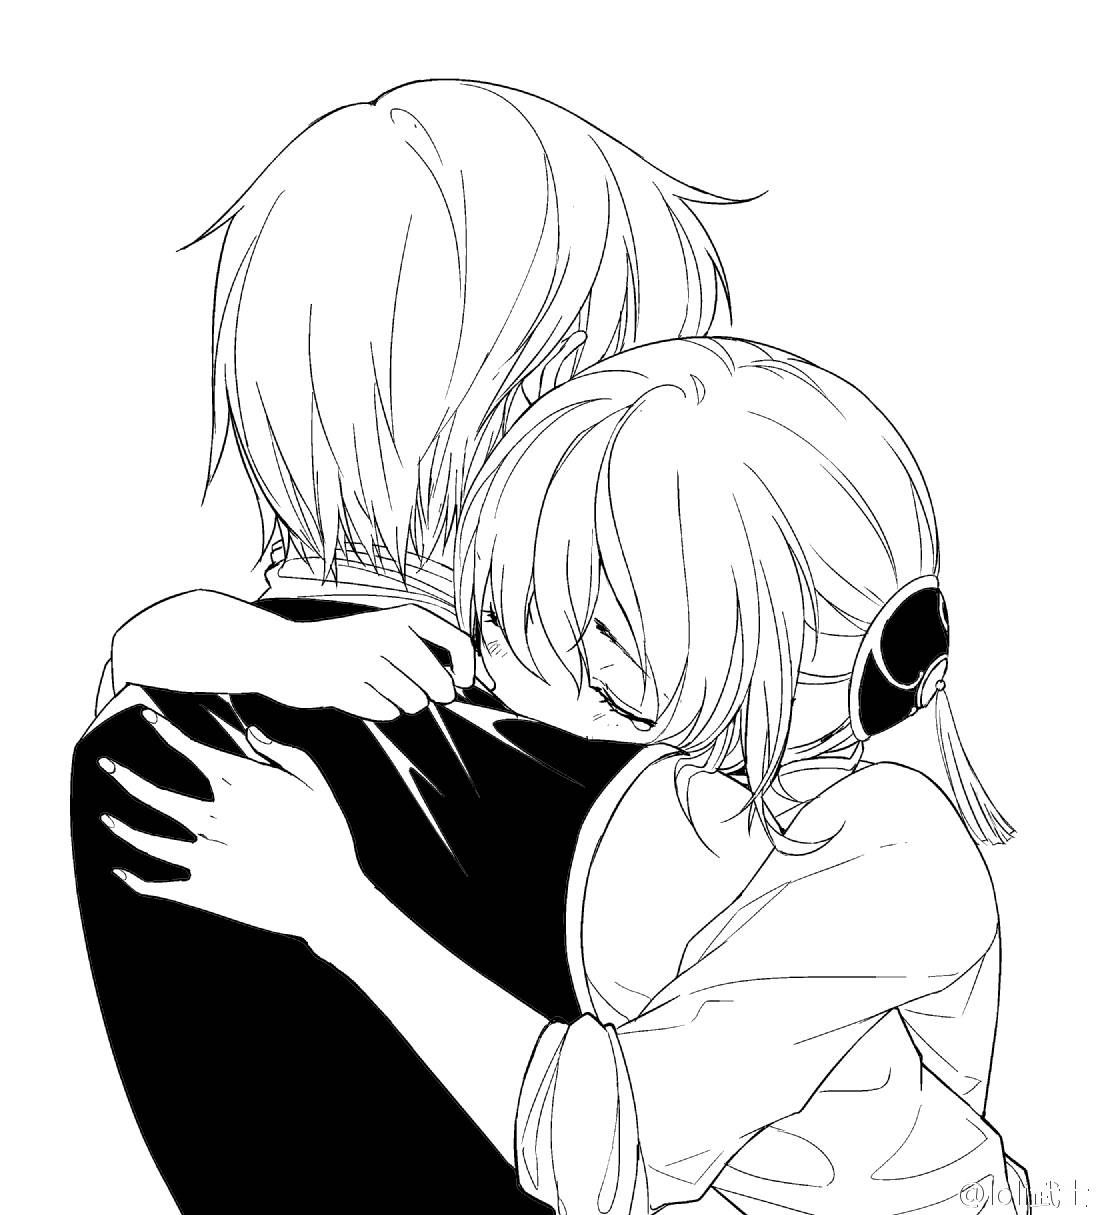 Черно-белые аниме картинки пары